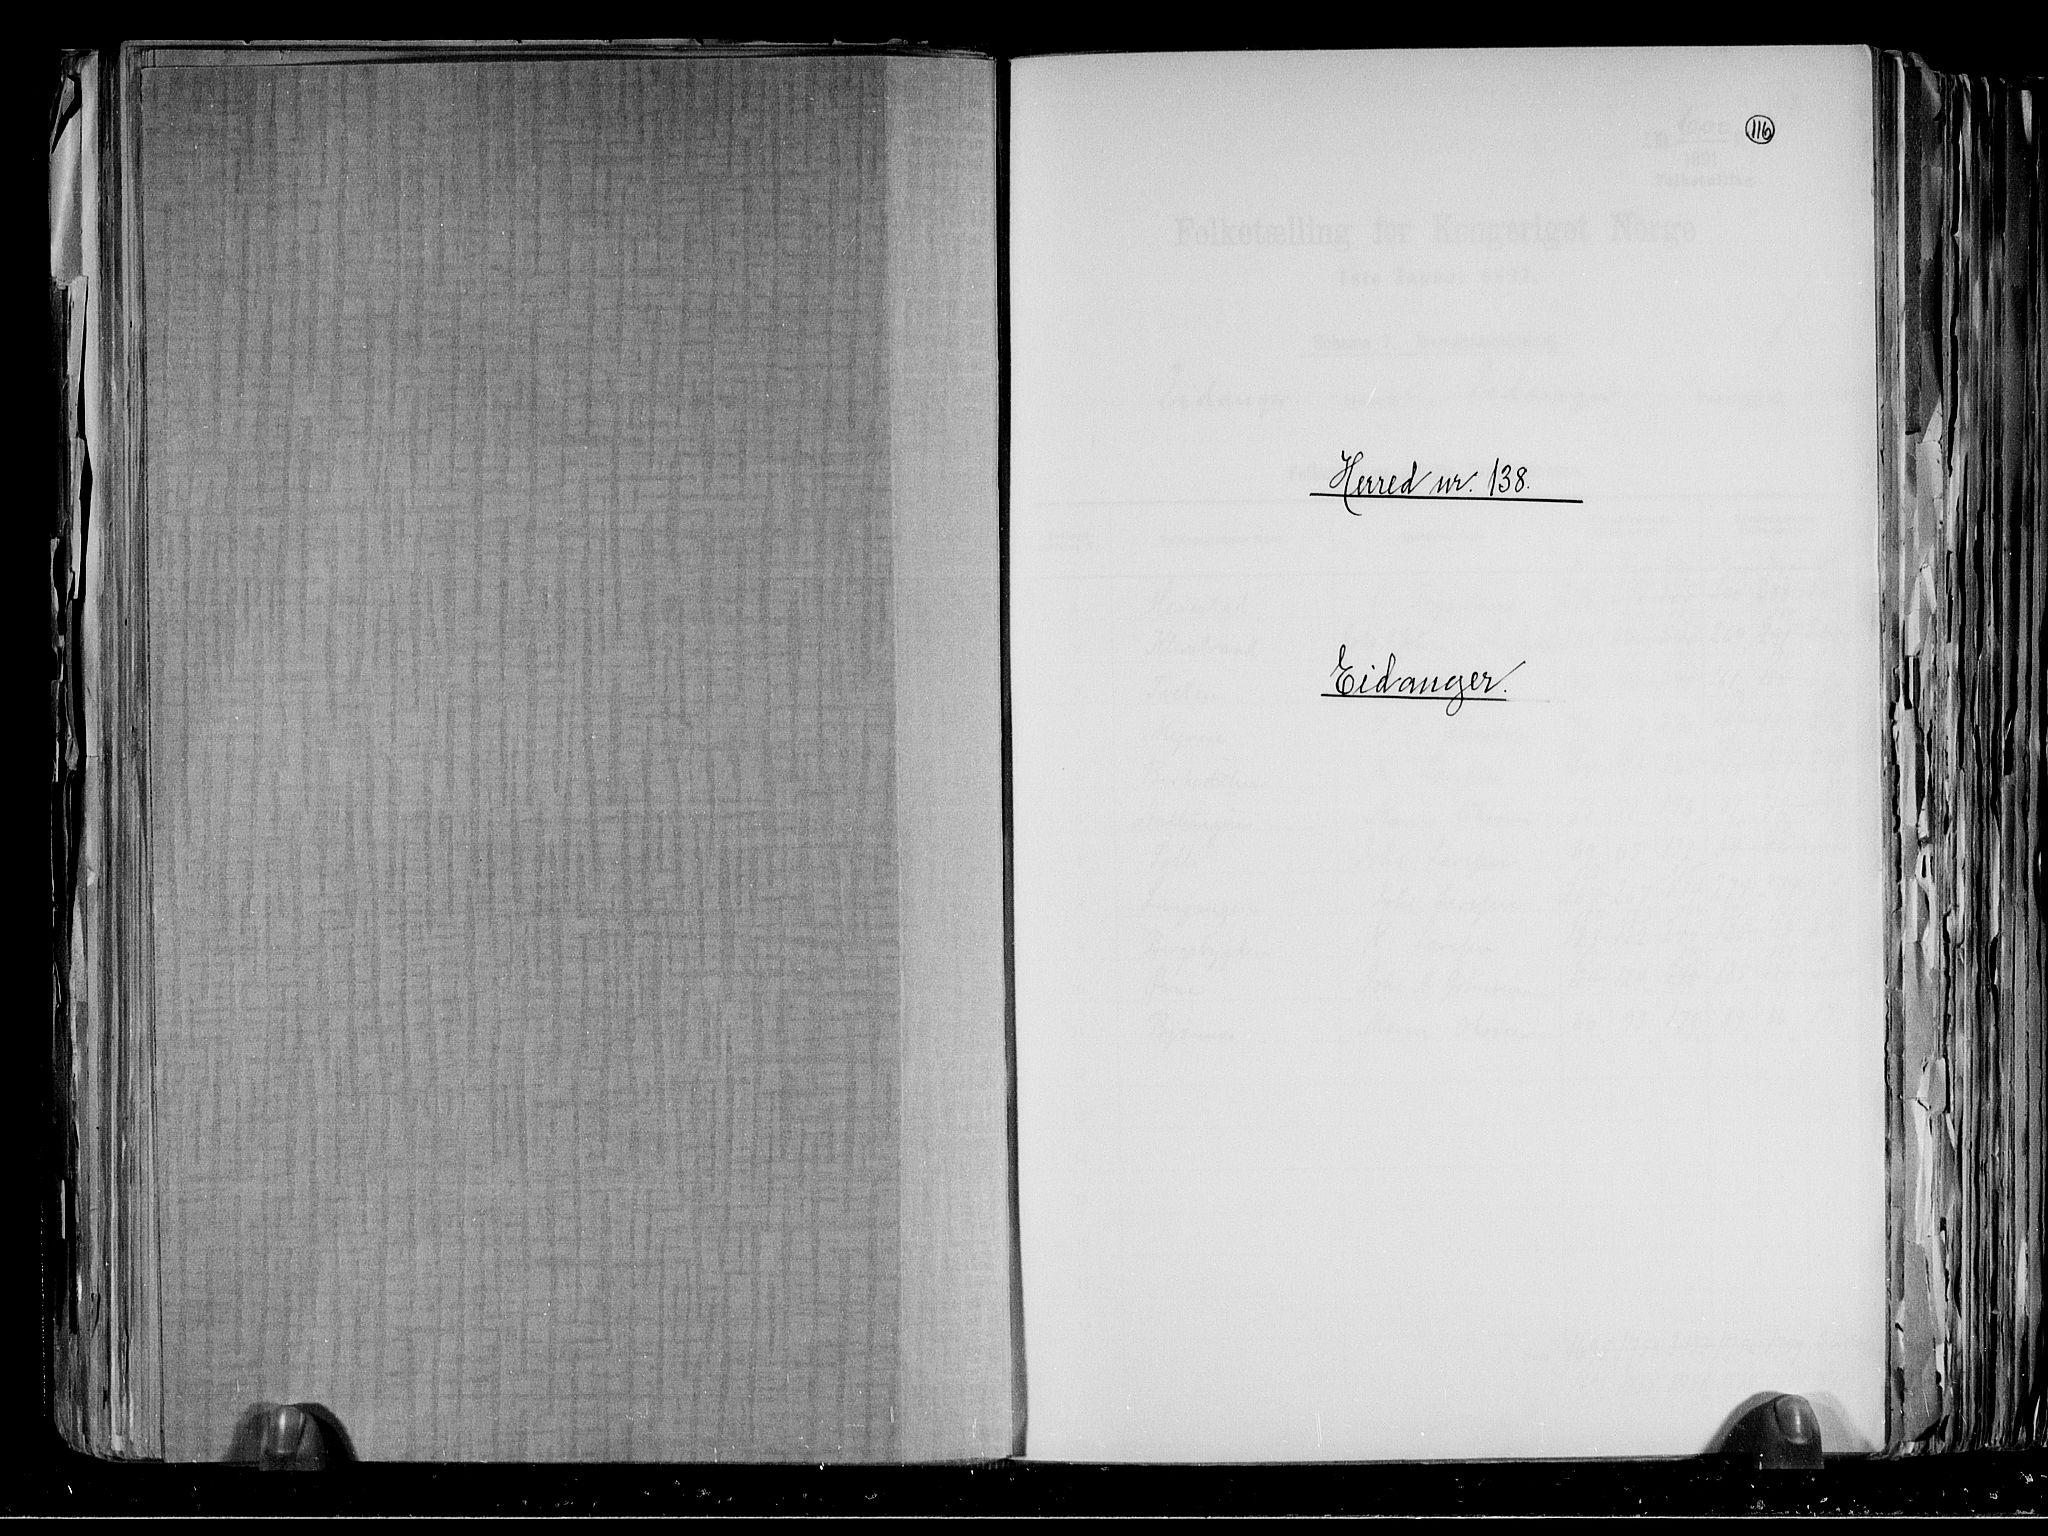 RA, Folketelling 1891 for 0813 Eidanger herred, 1891, s. 1